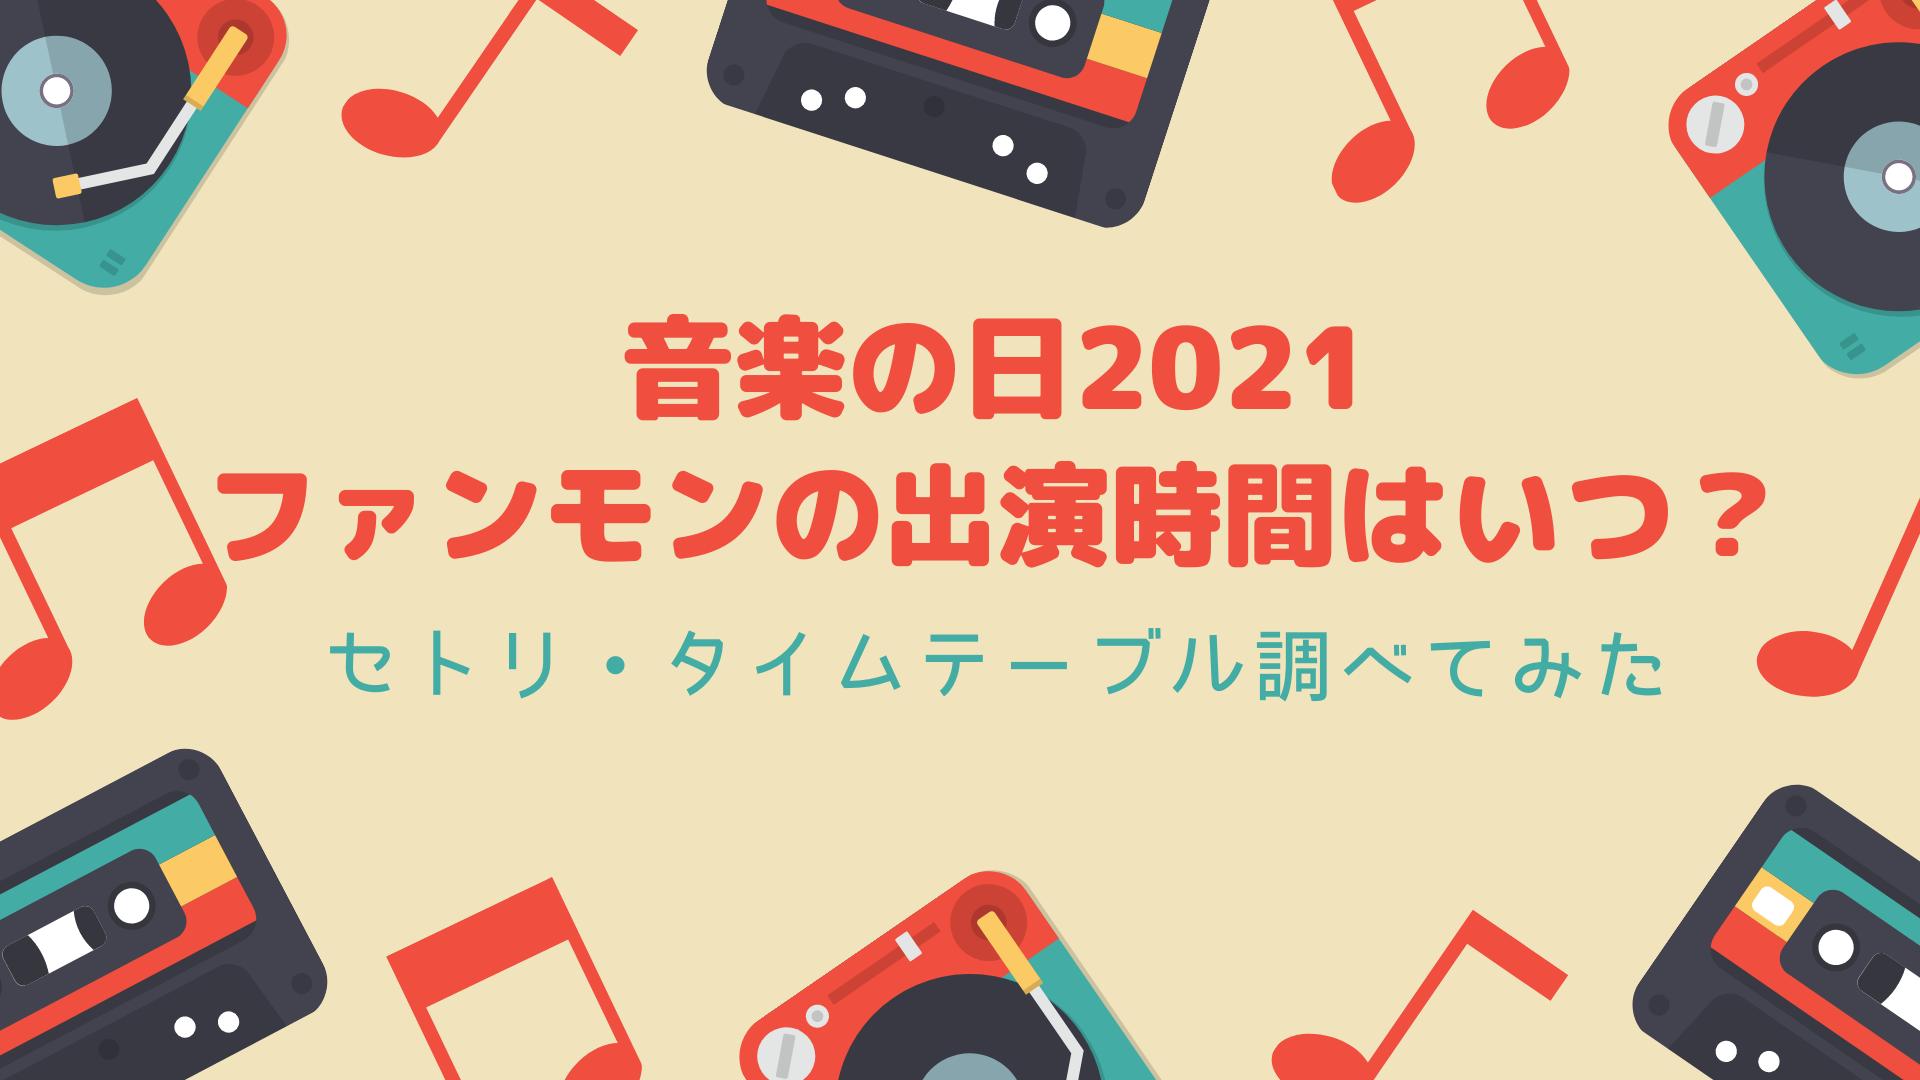 ファンモン 音楽の日2021 出演時間